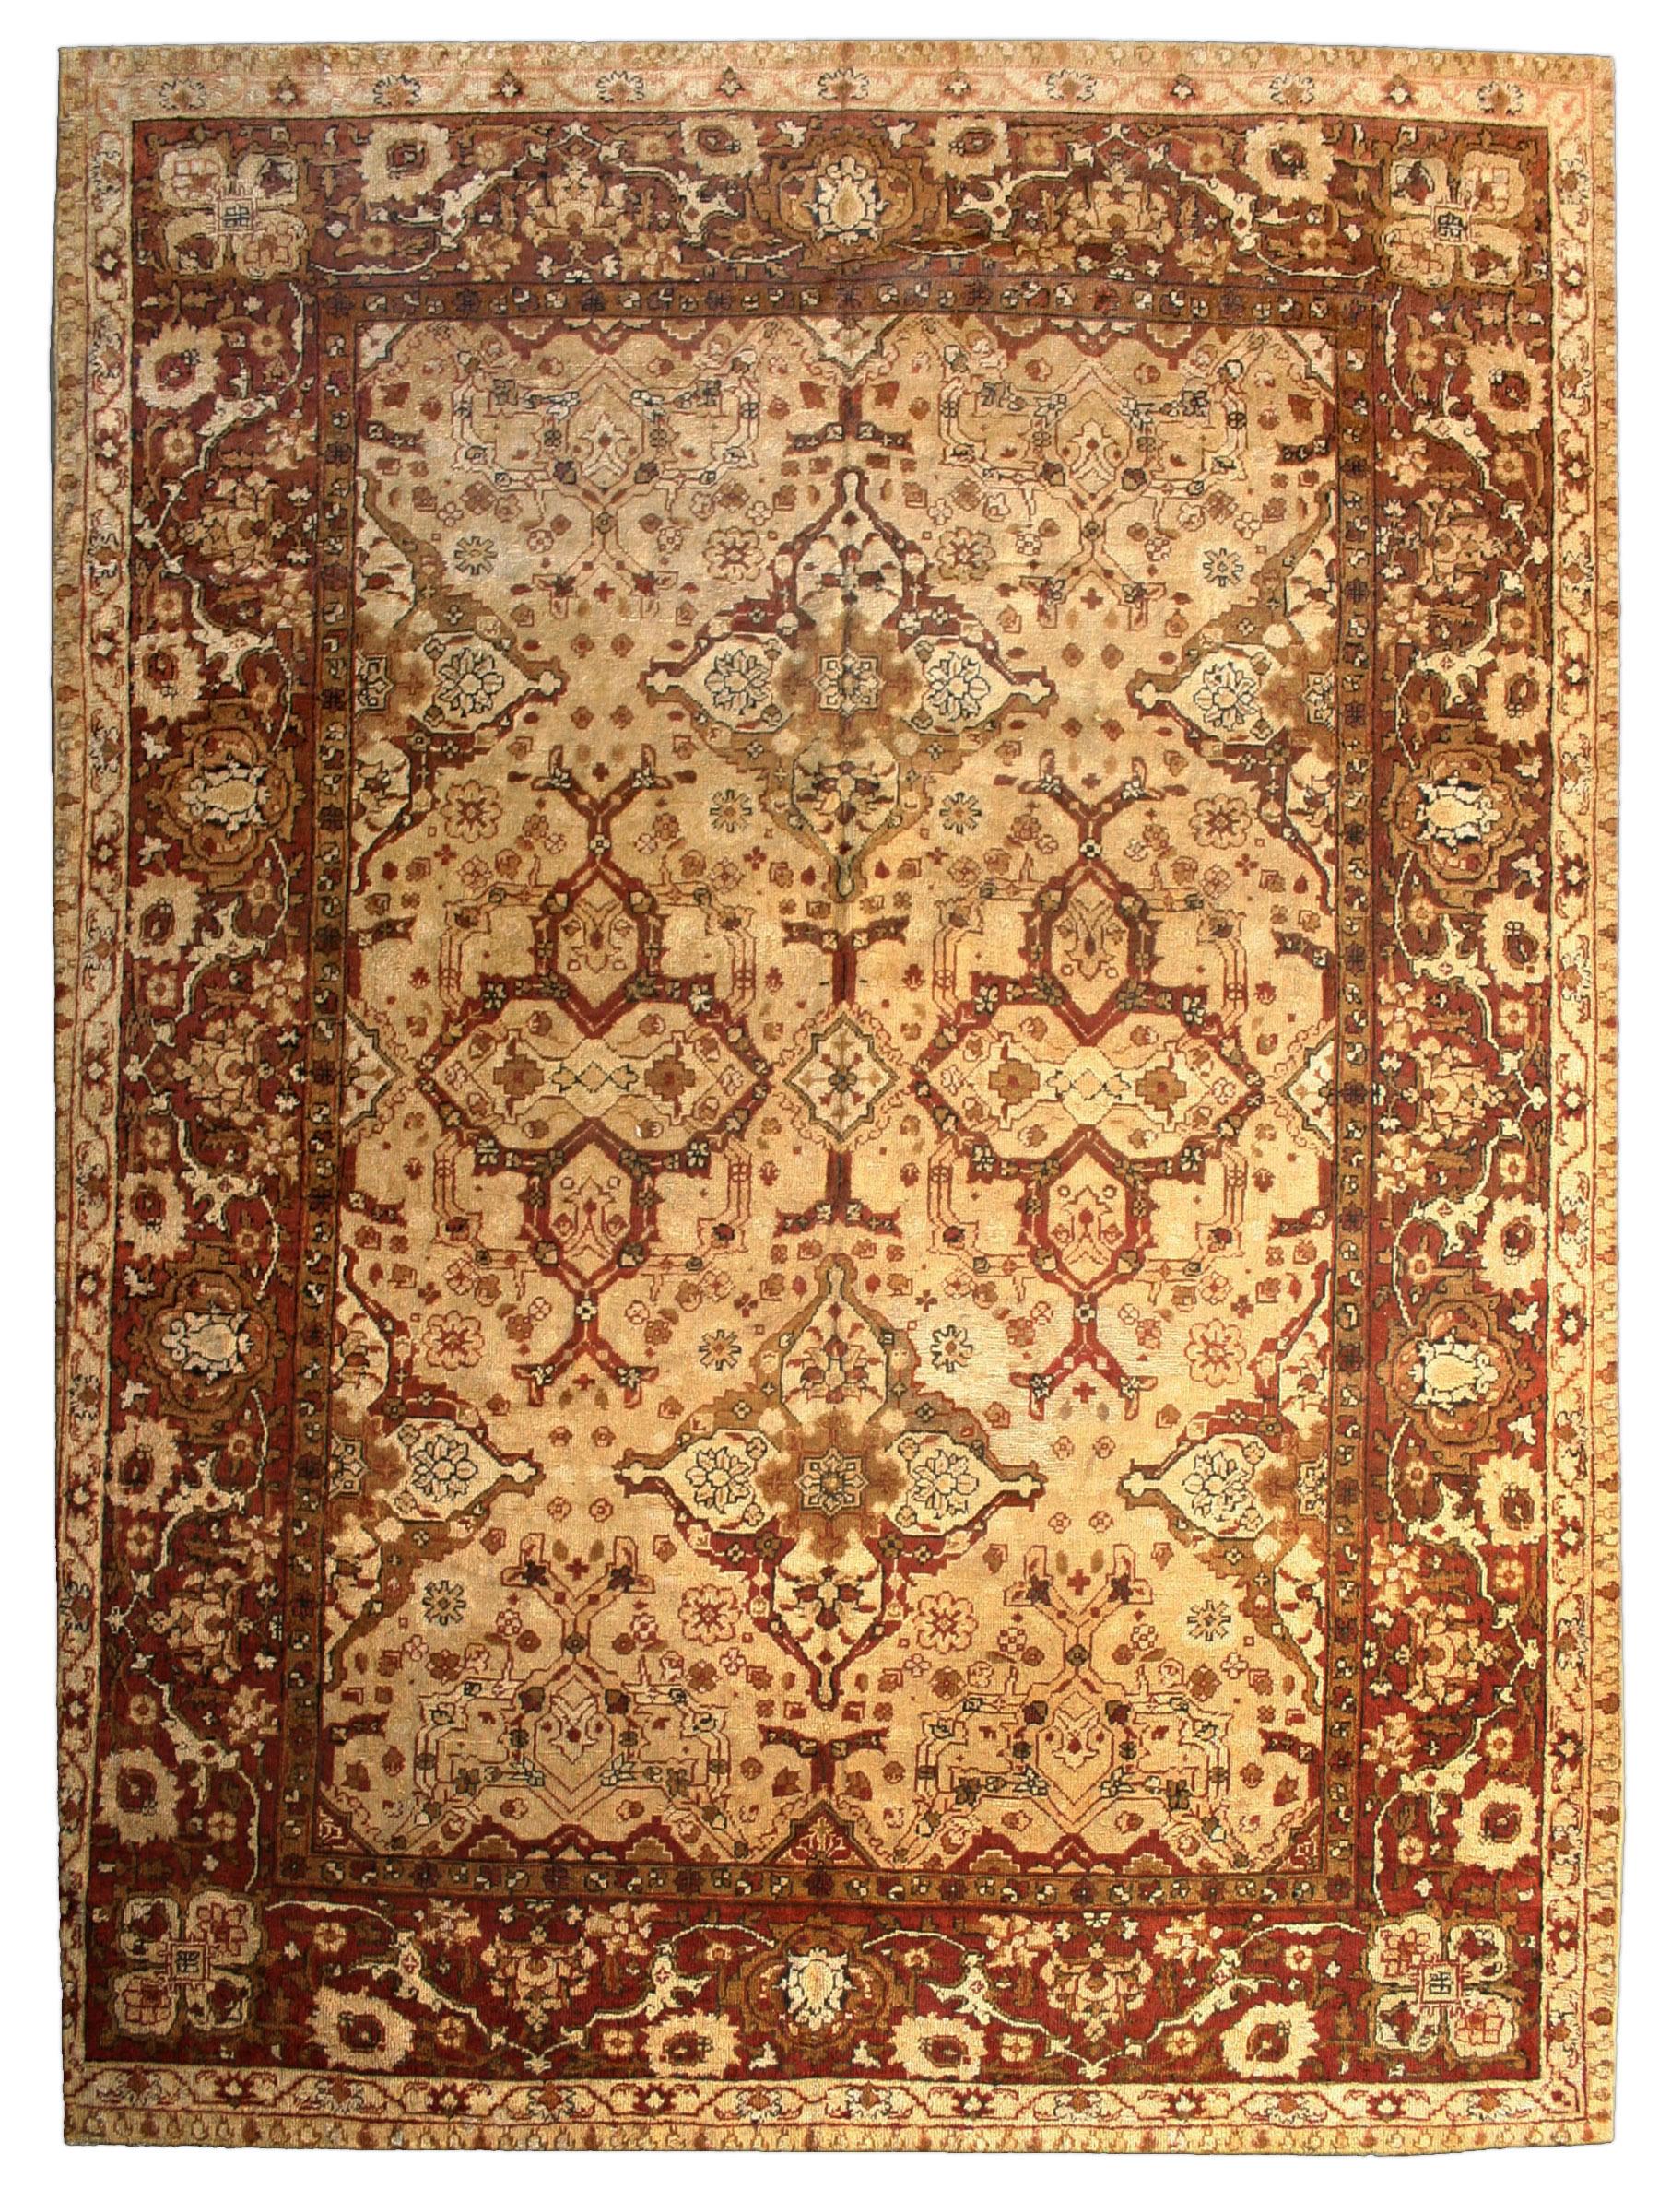 Indian Amritsar Carpet Antique Indian Rug Antique Rug